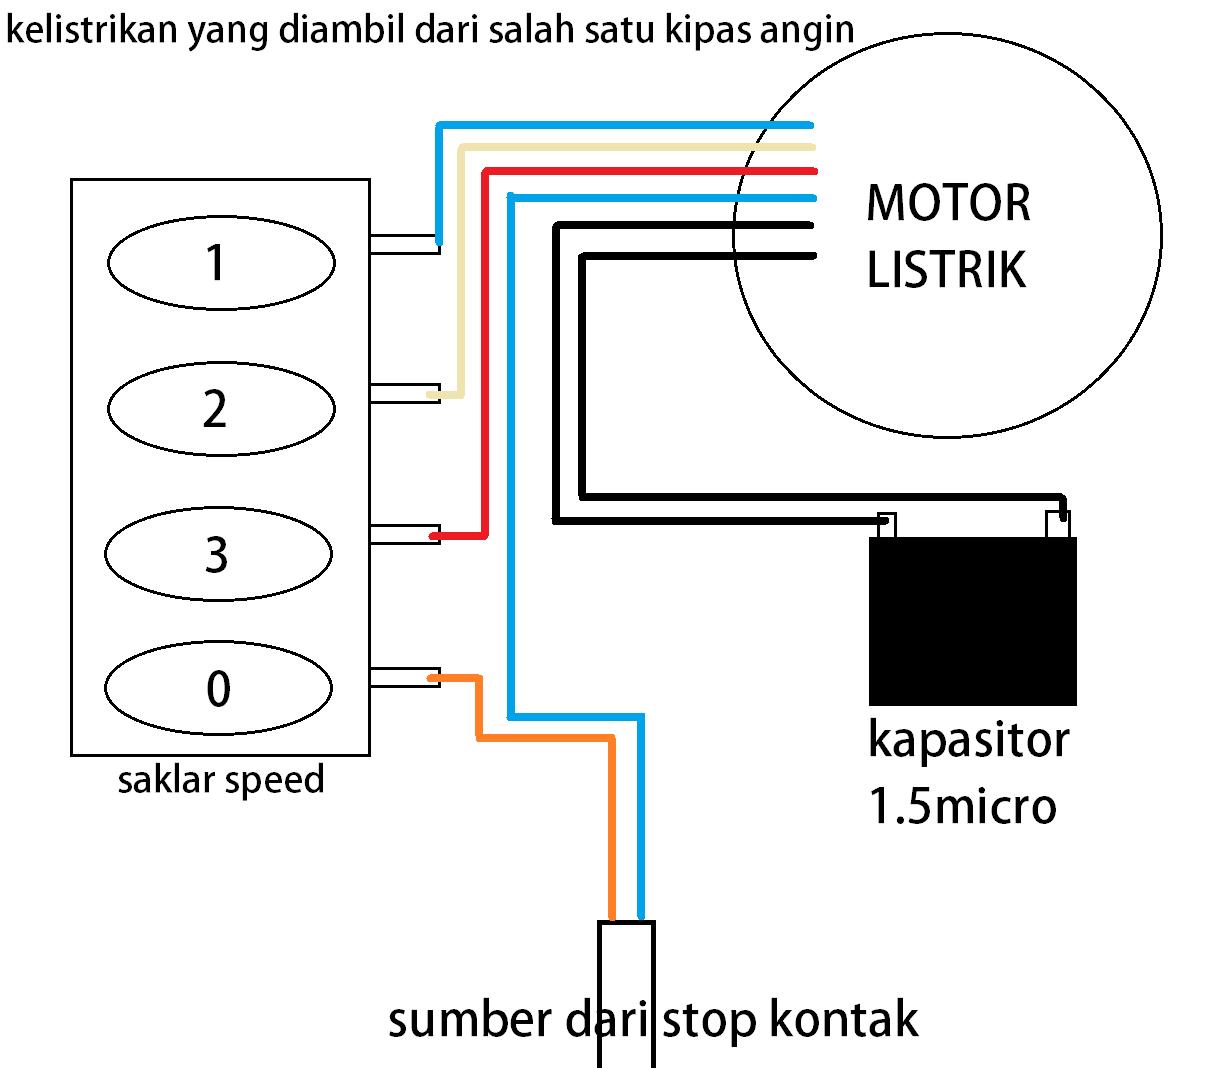 Wiring diagram sistem kelistrikan ac free download wiring diagram free download wiring diagram kontruksi kipas angin sistem kelistrikan dan bagian bagian of wiring diagram cheapraybanclubmaster Images